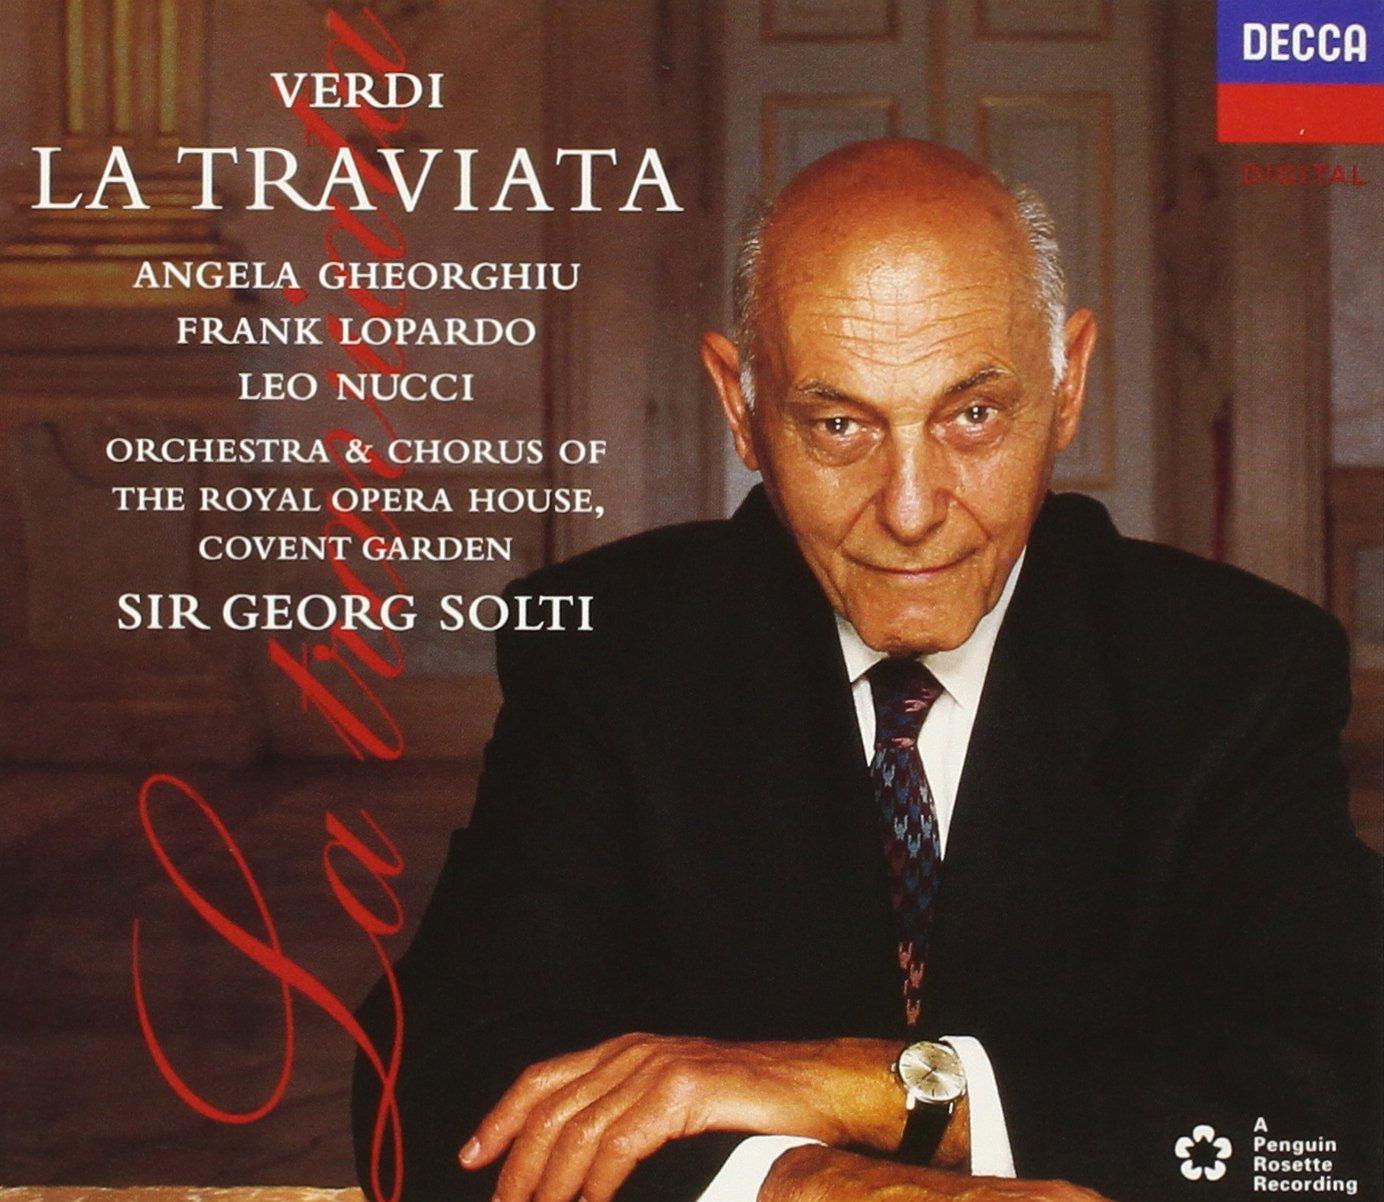 Verdi: La Traviata by GHEORGHIU/SOLTI